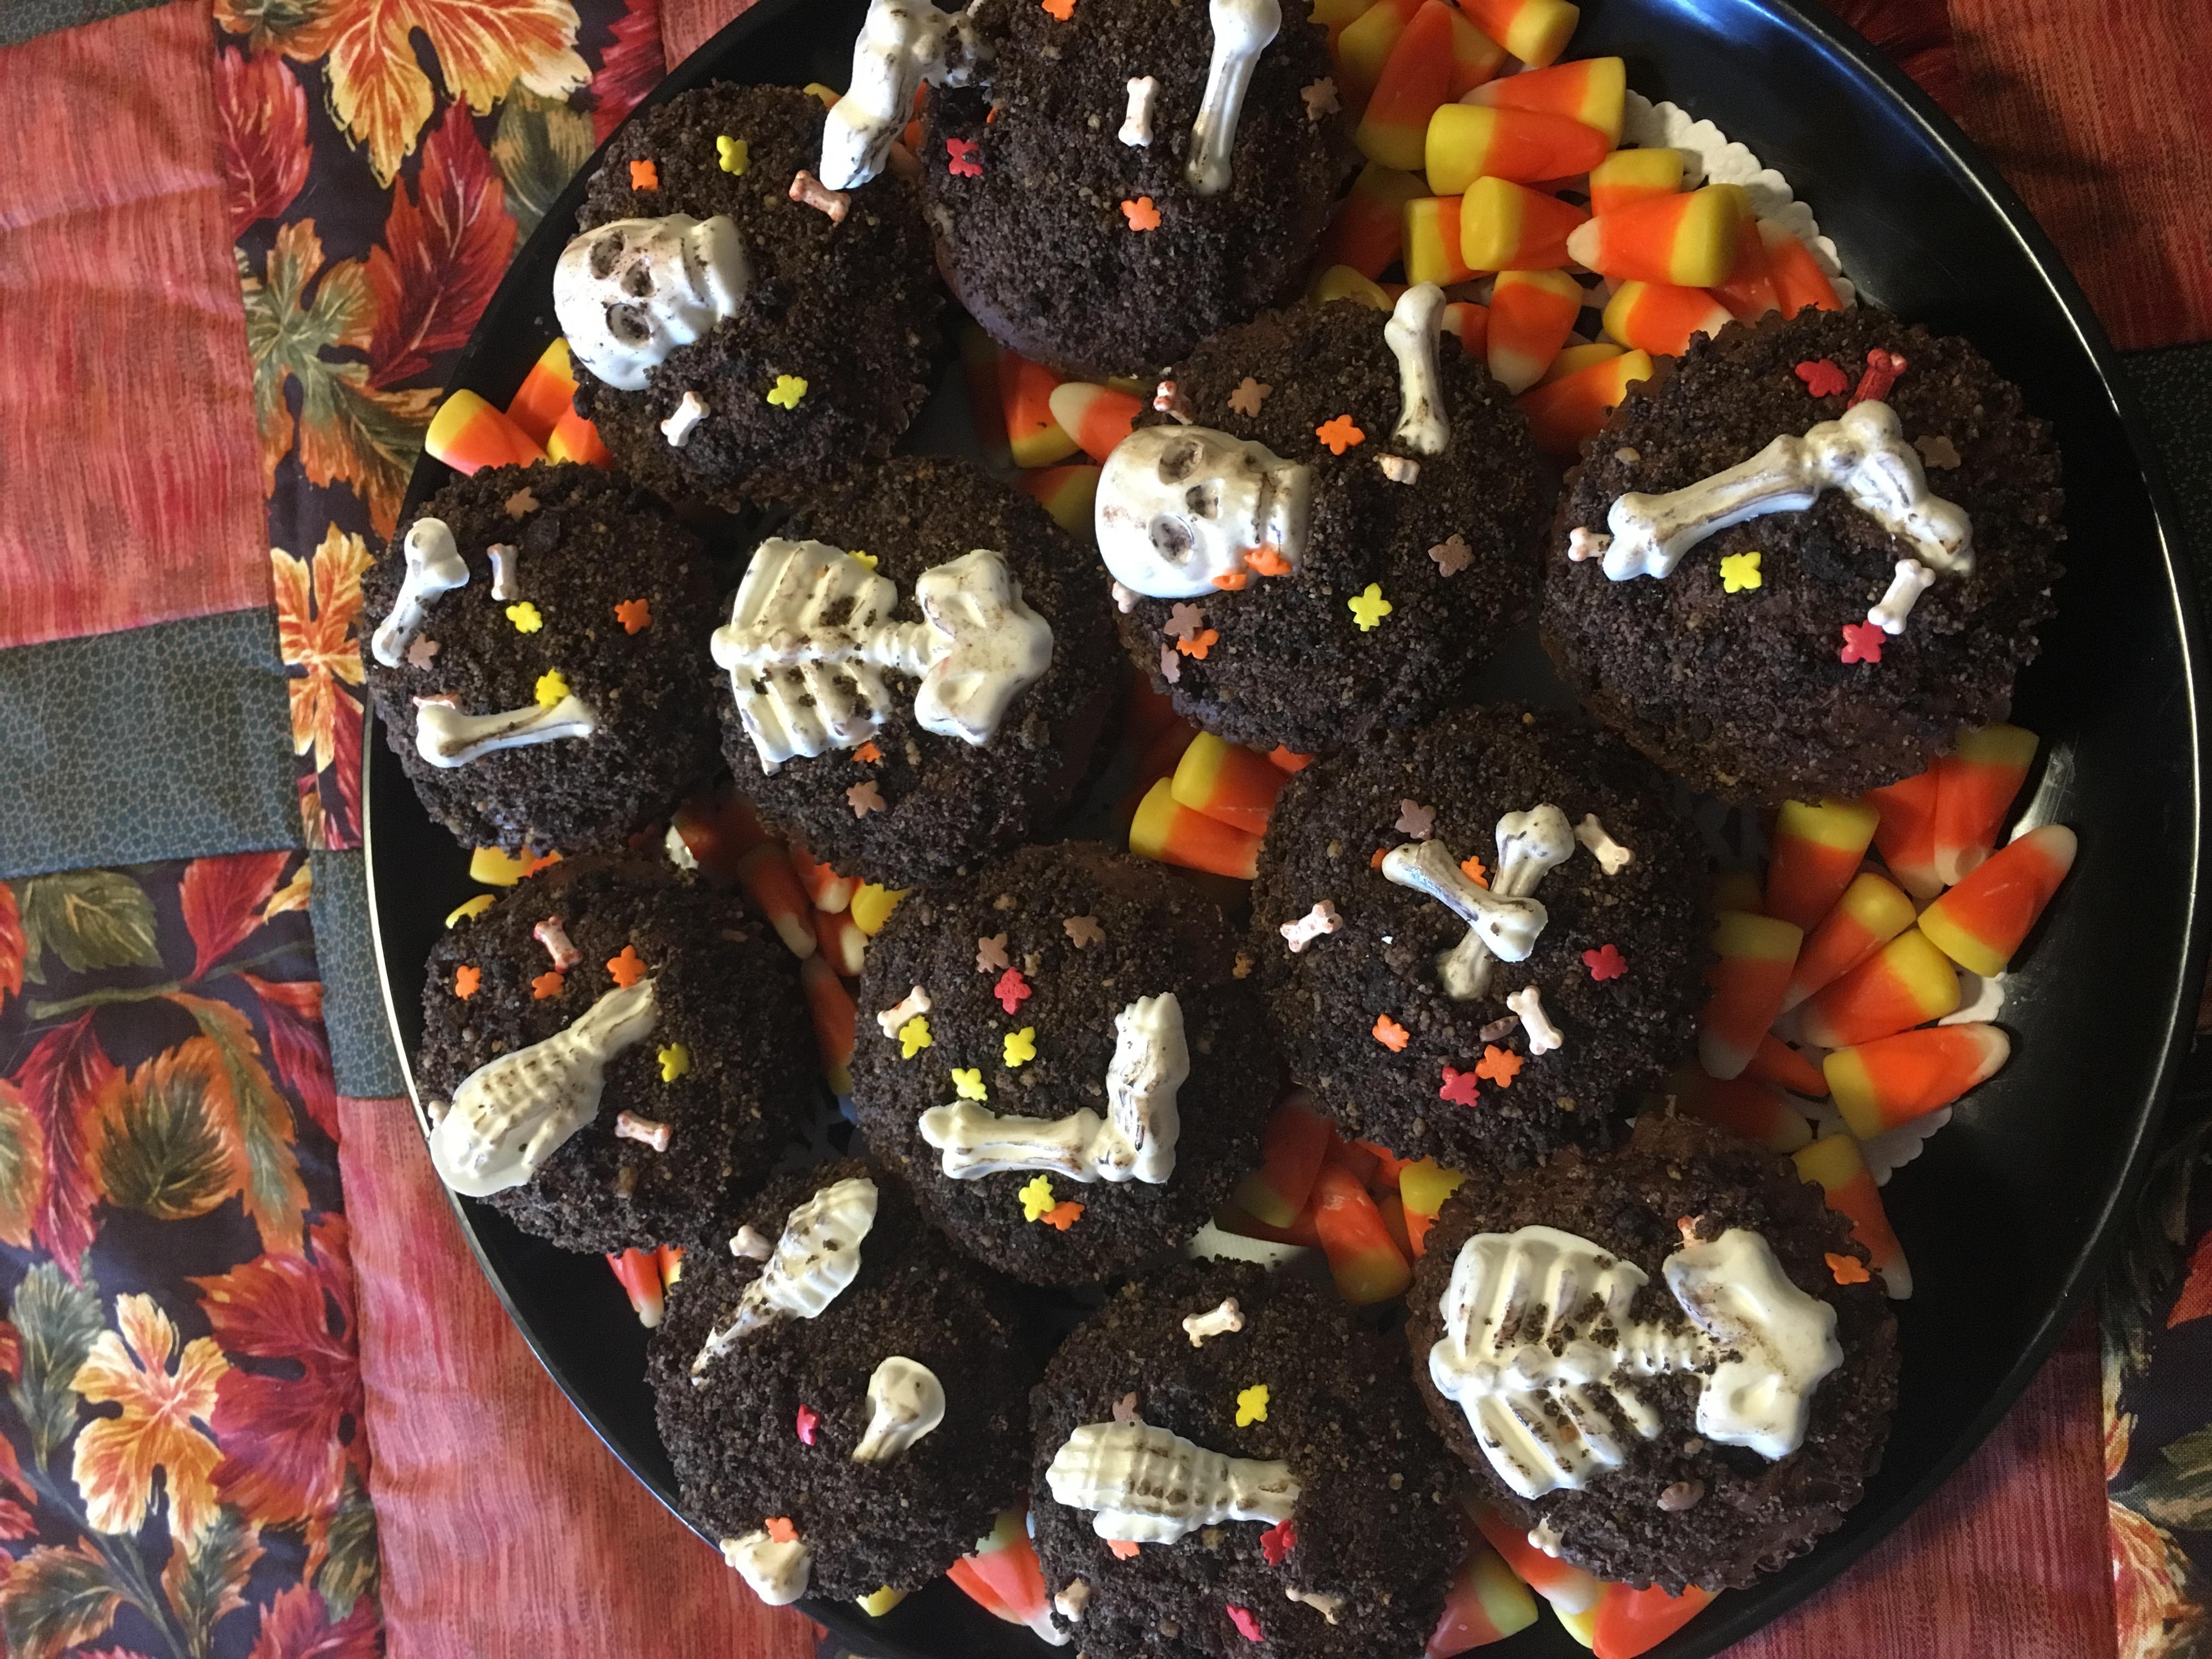 Halloween Bones in the Dirt